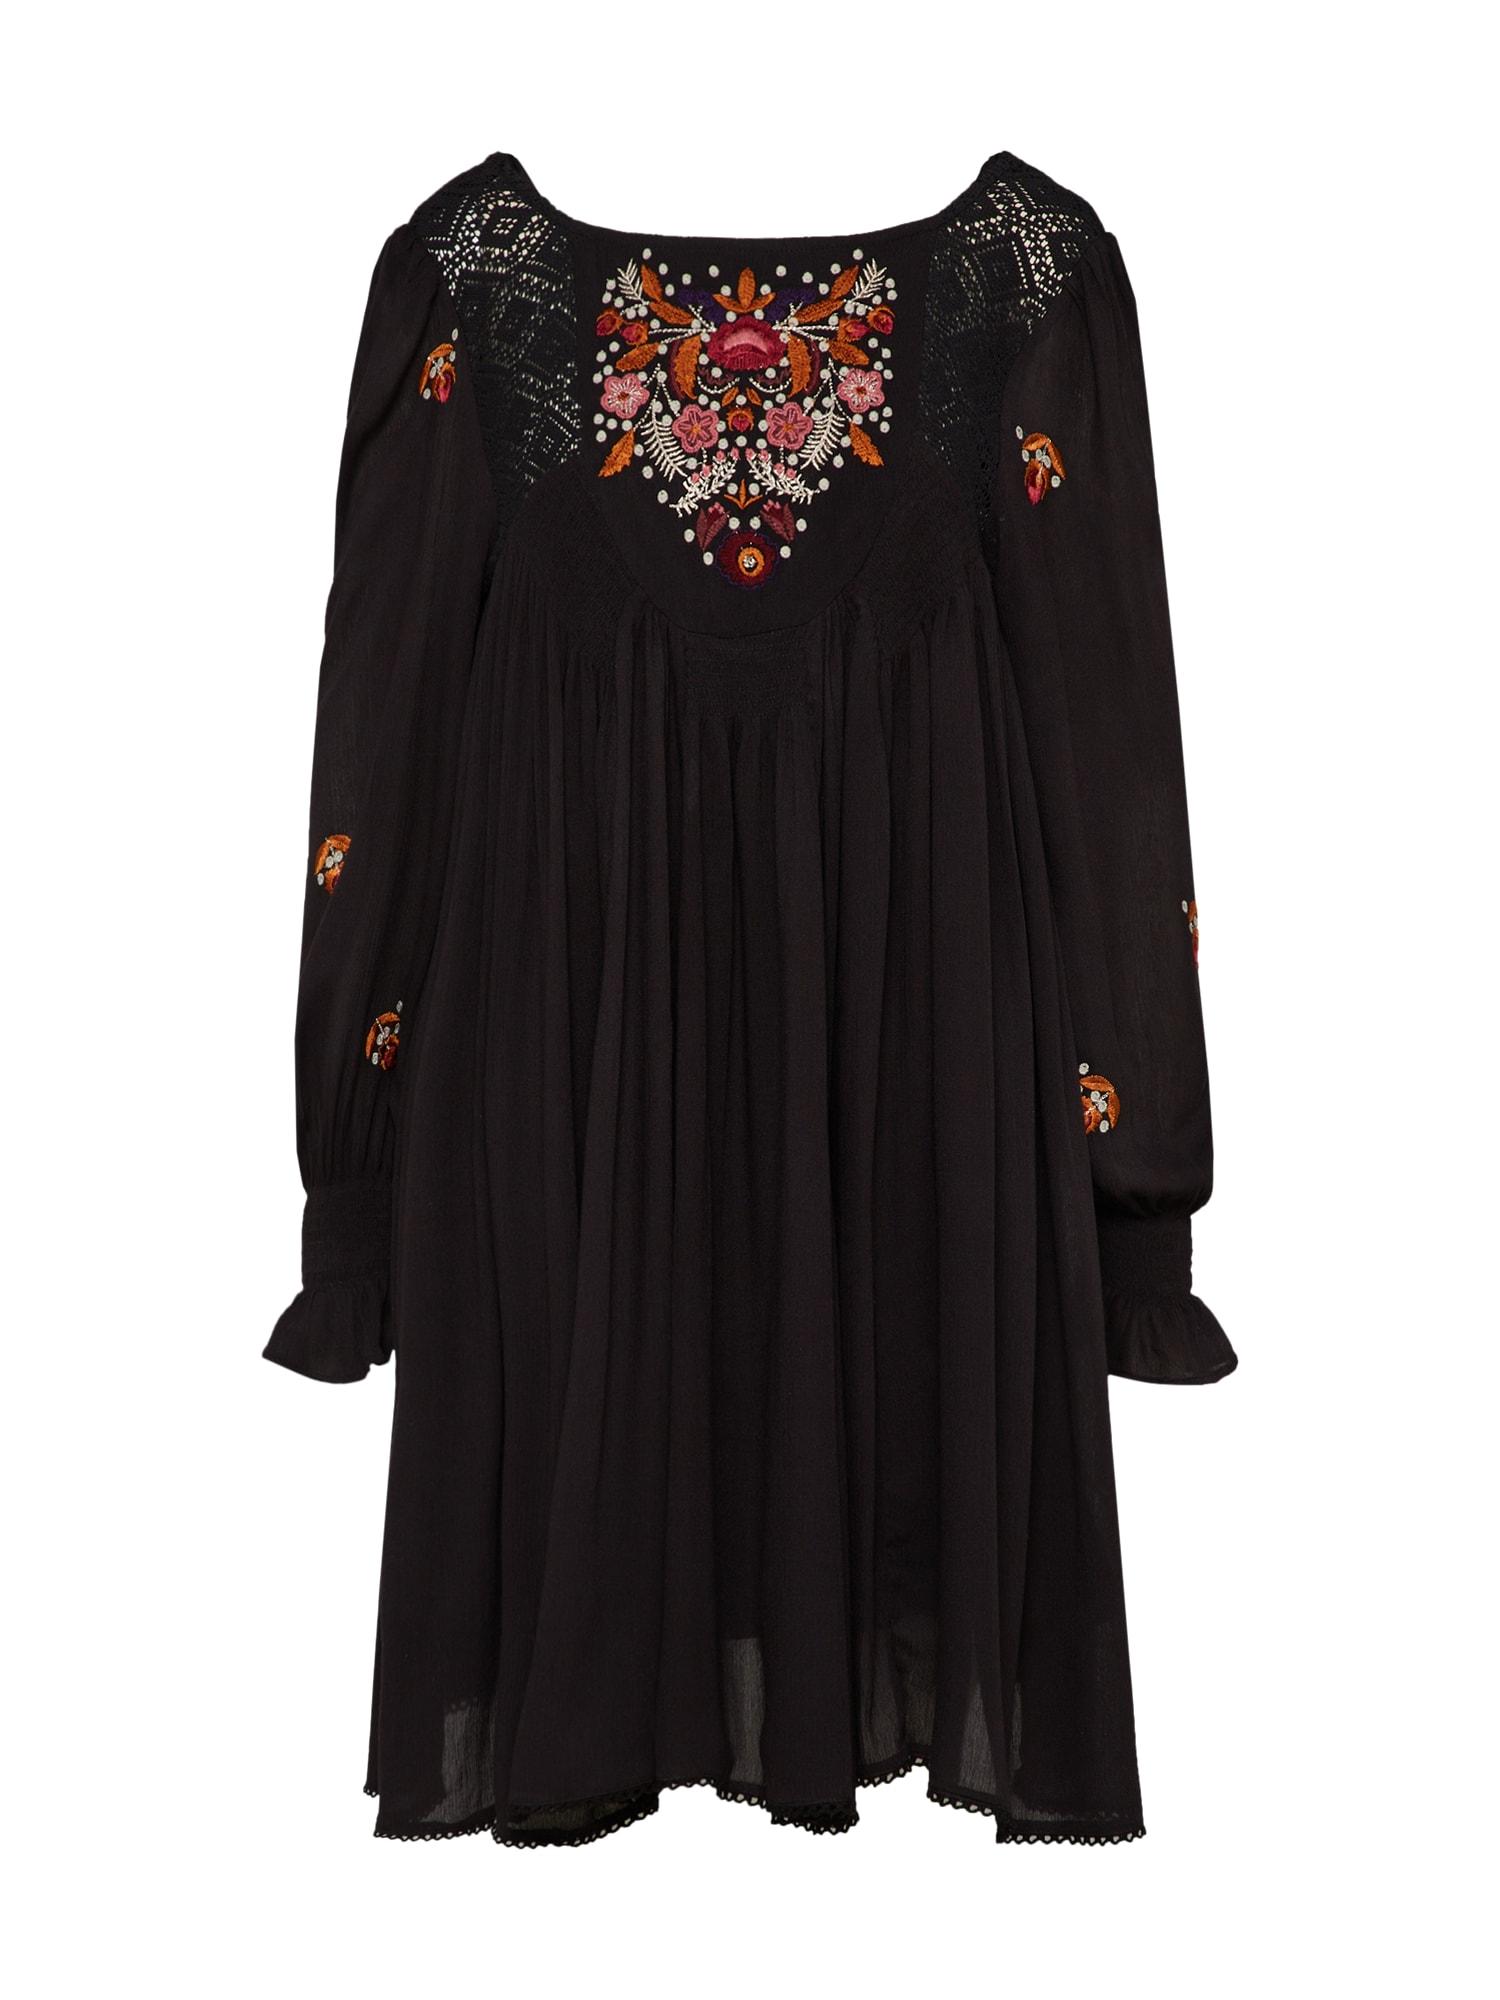 Letní šaty Mohave Mini černá Free People